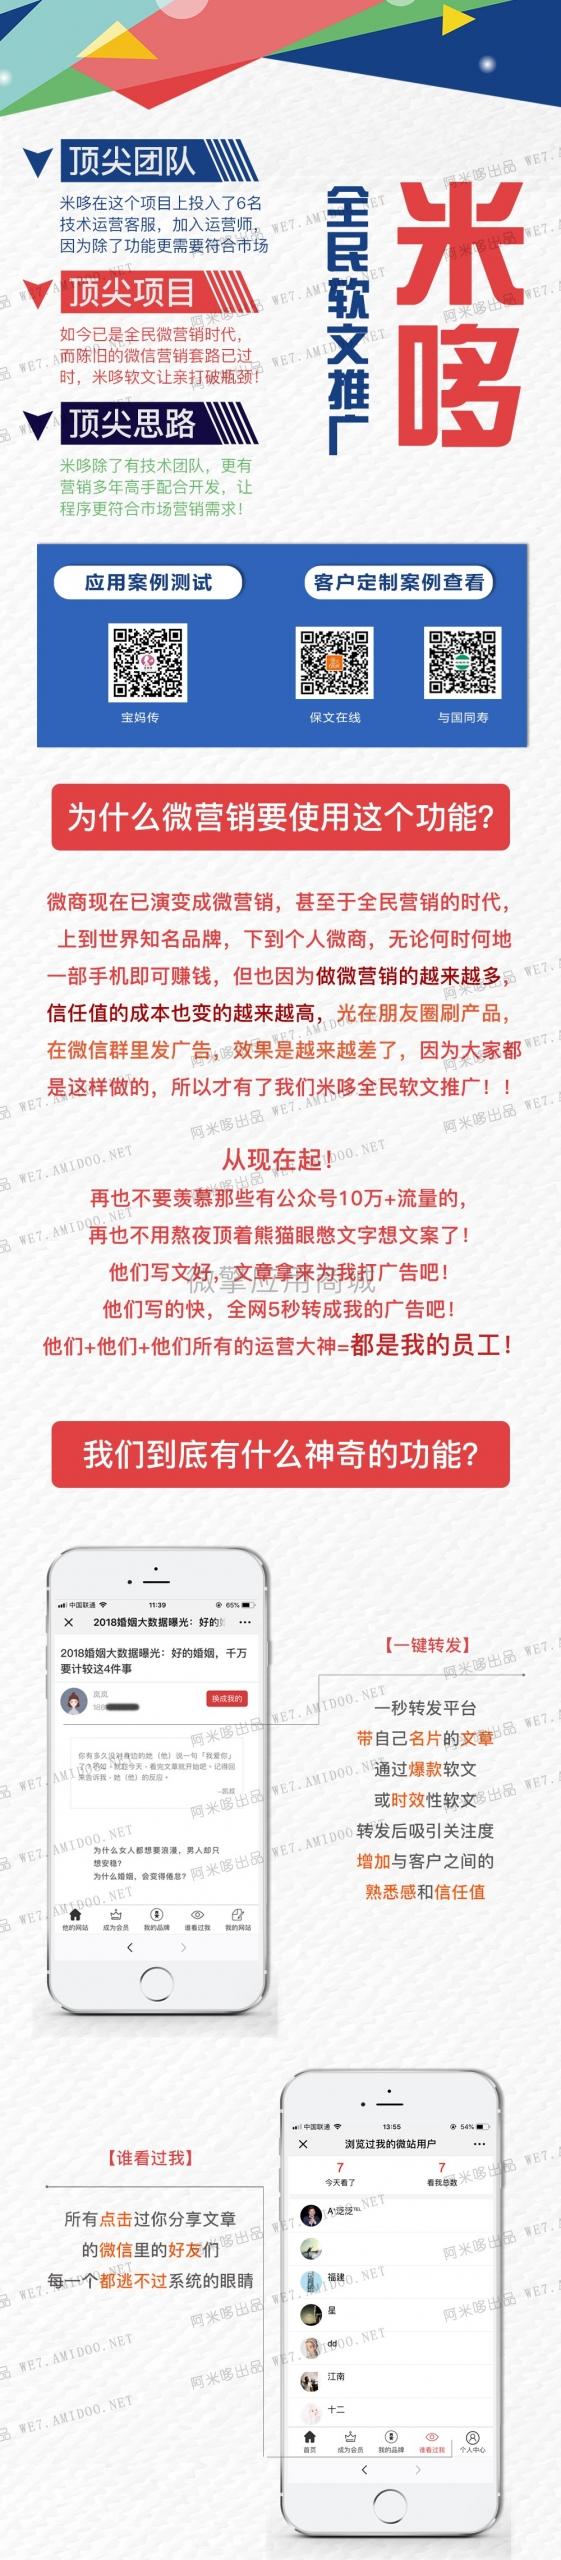 米哆全民软文推广V1.8.5原版_功能模块-一天源码